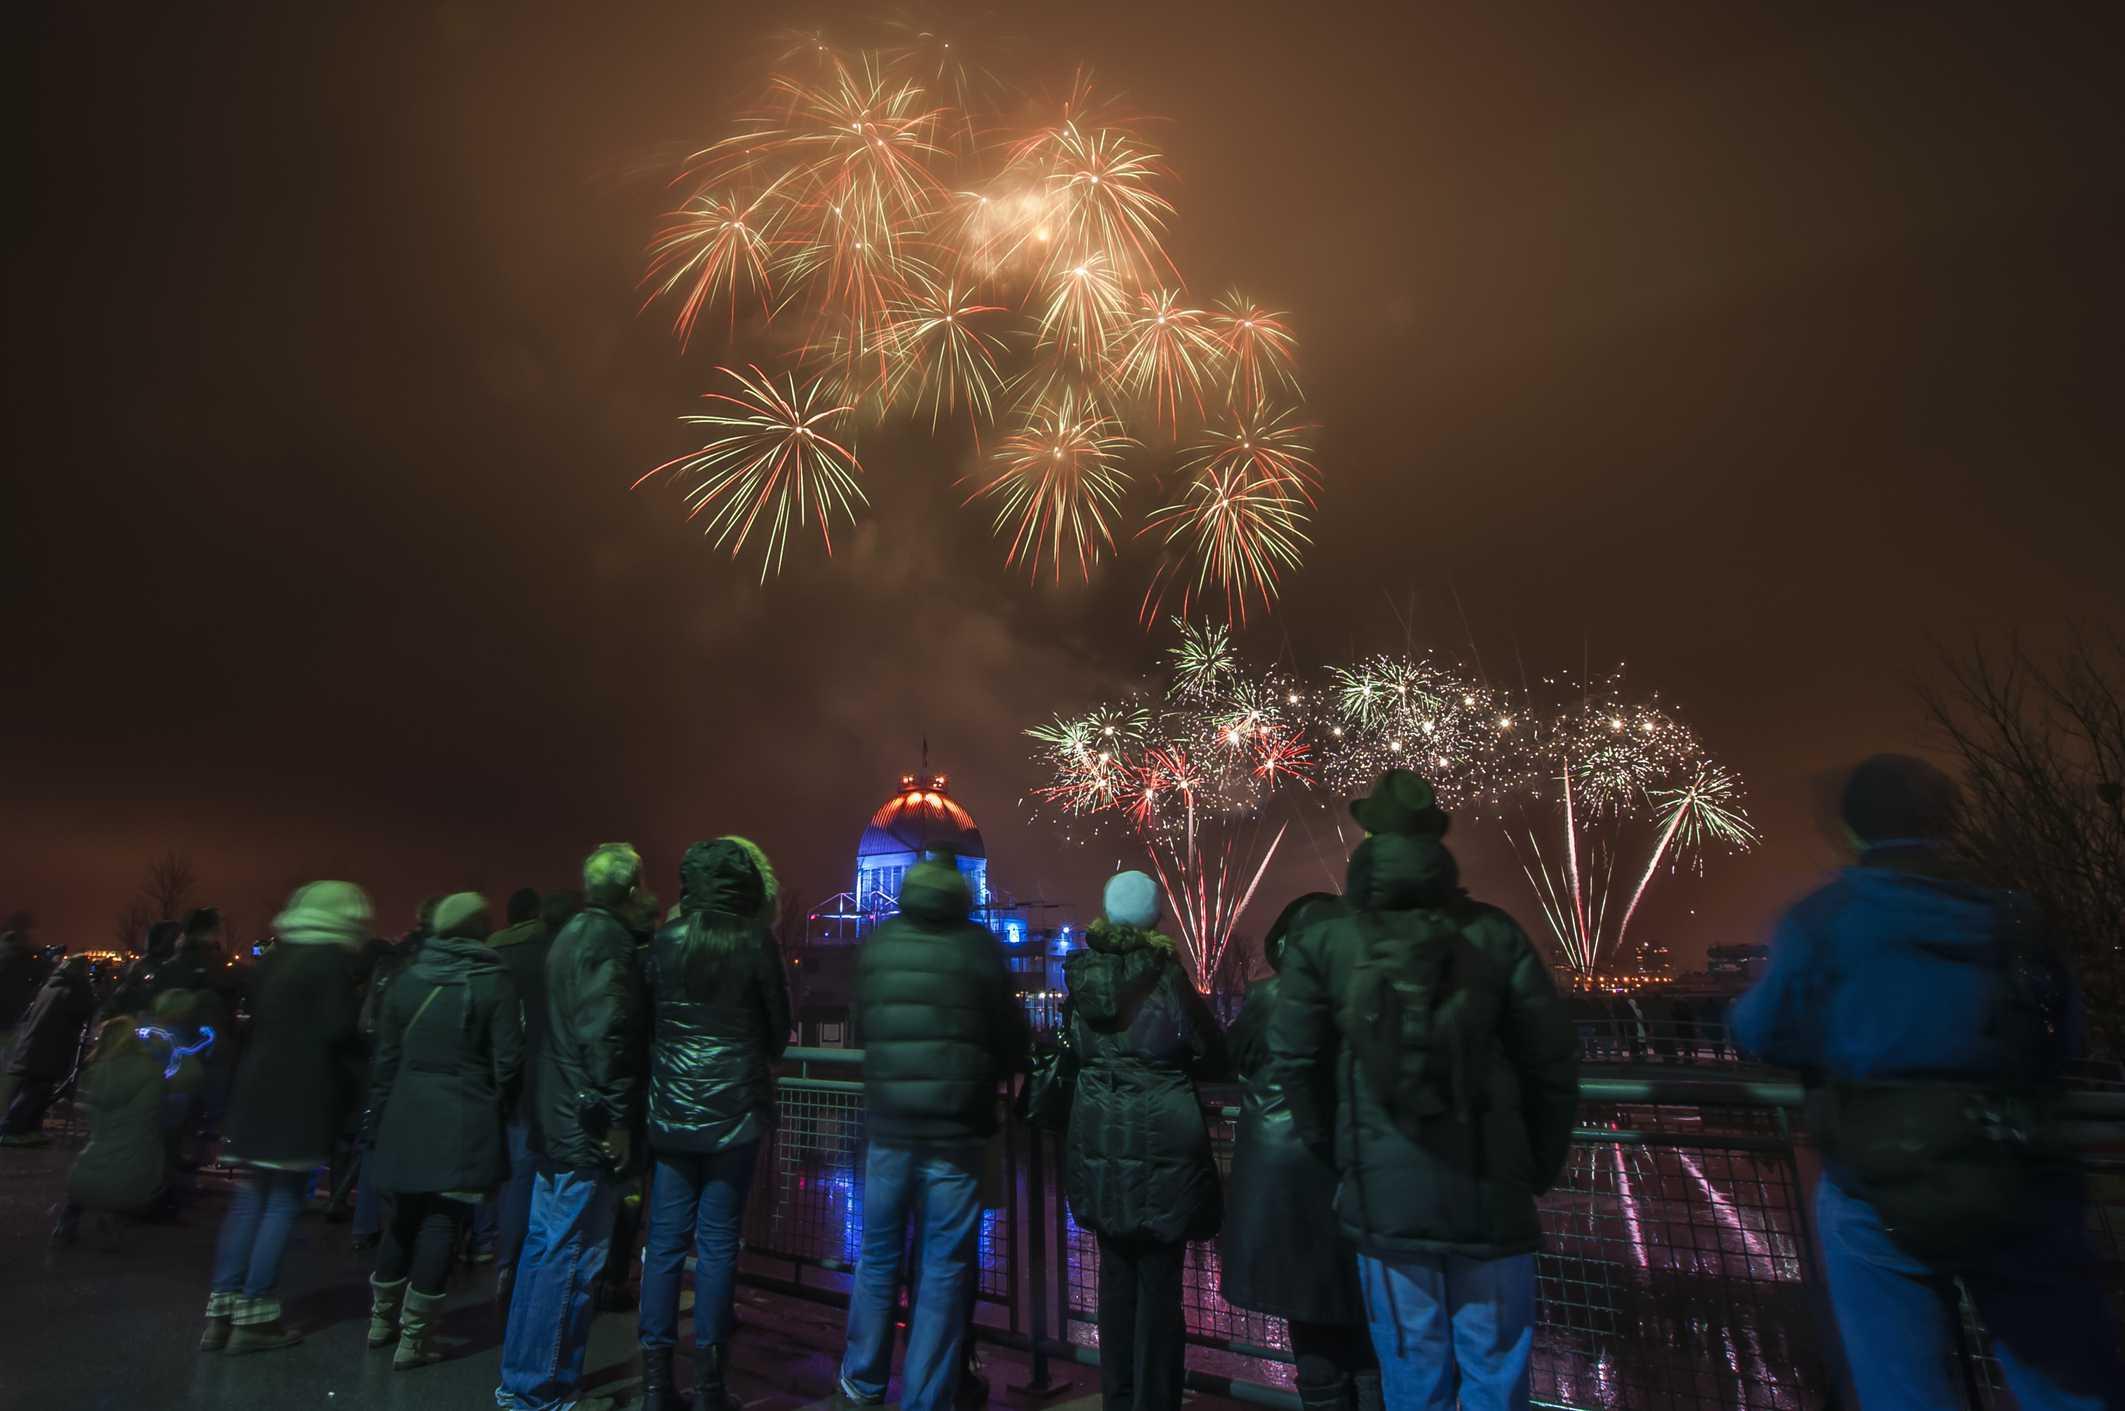 Gente mirando fuegos artificiales en el Festival Fire on Ice, Montreal, Quebec, Canadá